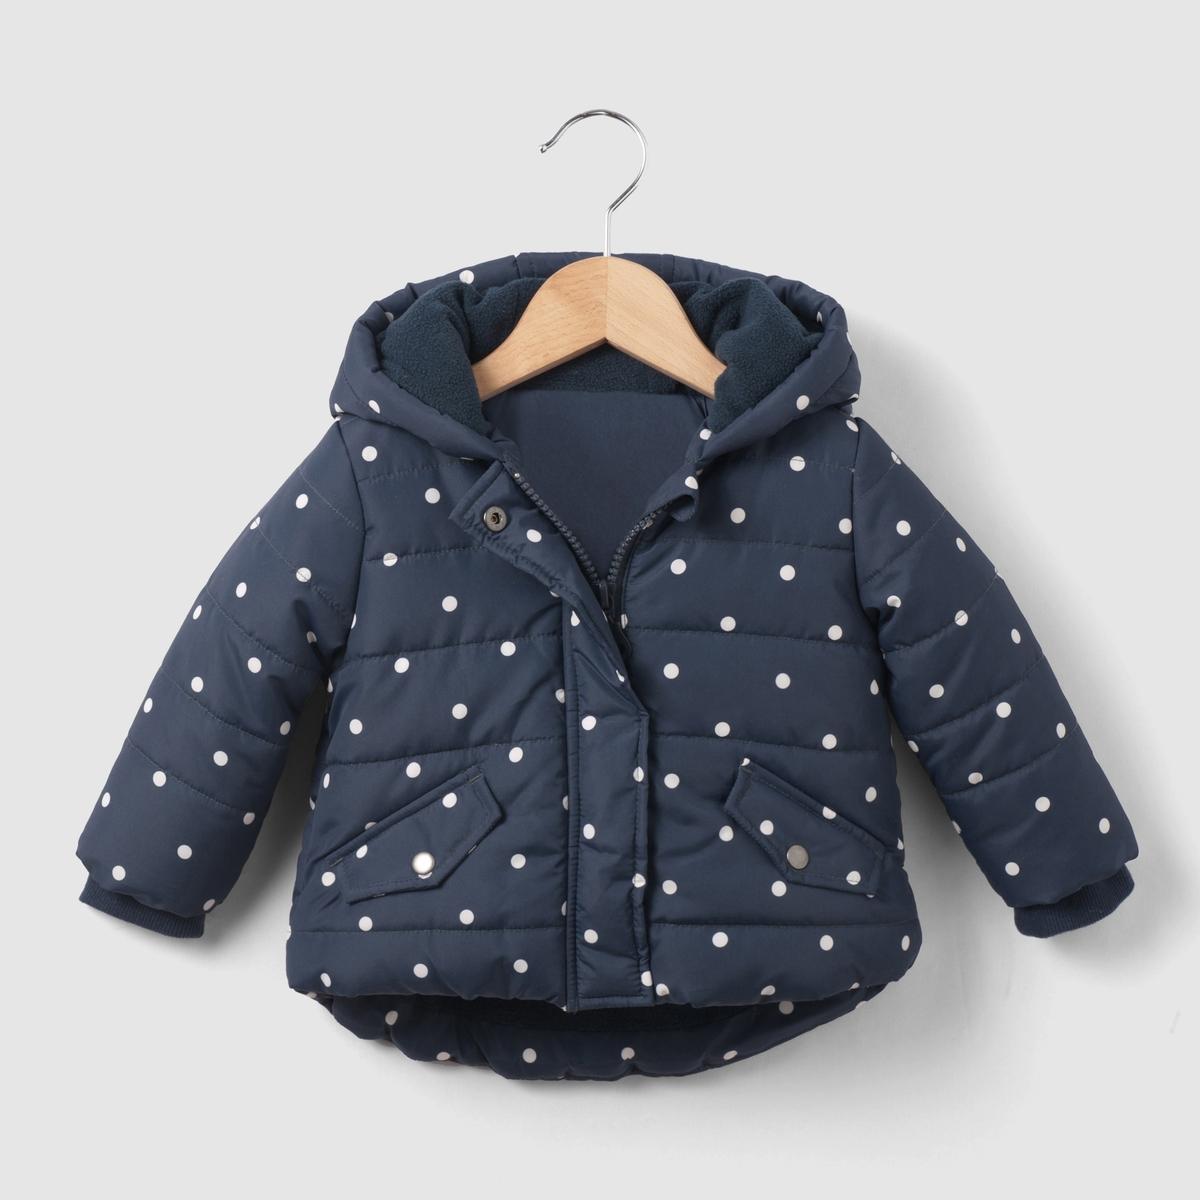 Куртка в горошек на флисовой подкладке, 1 мес. - 3 года от La Redoute Collections